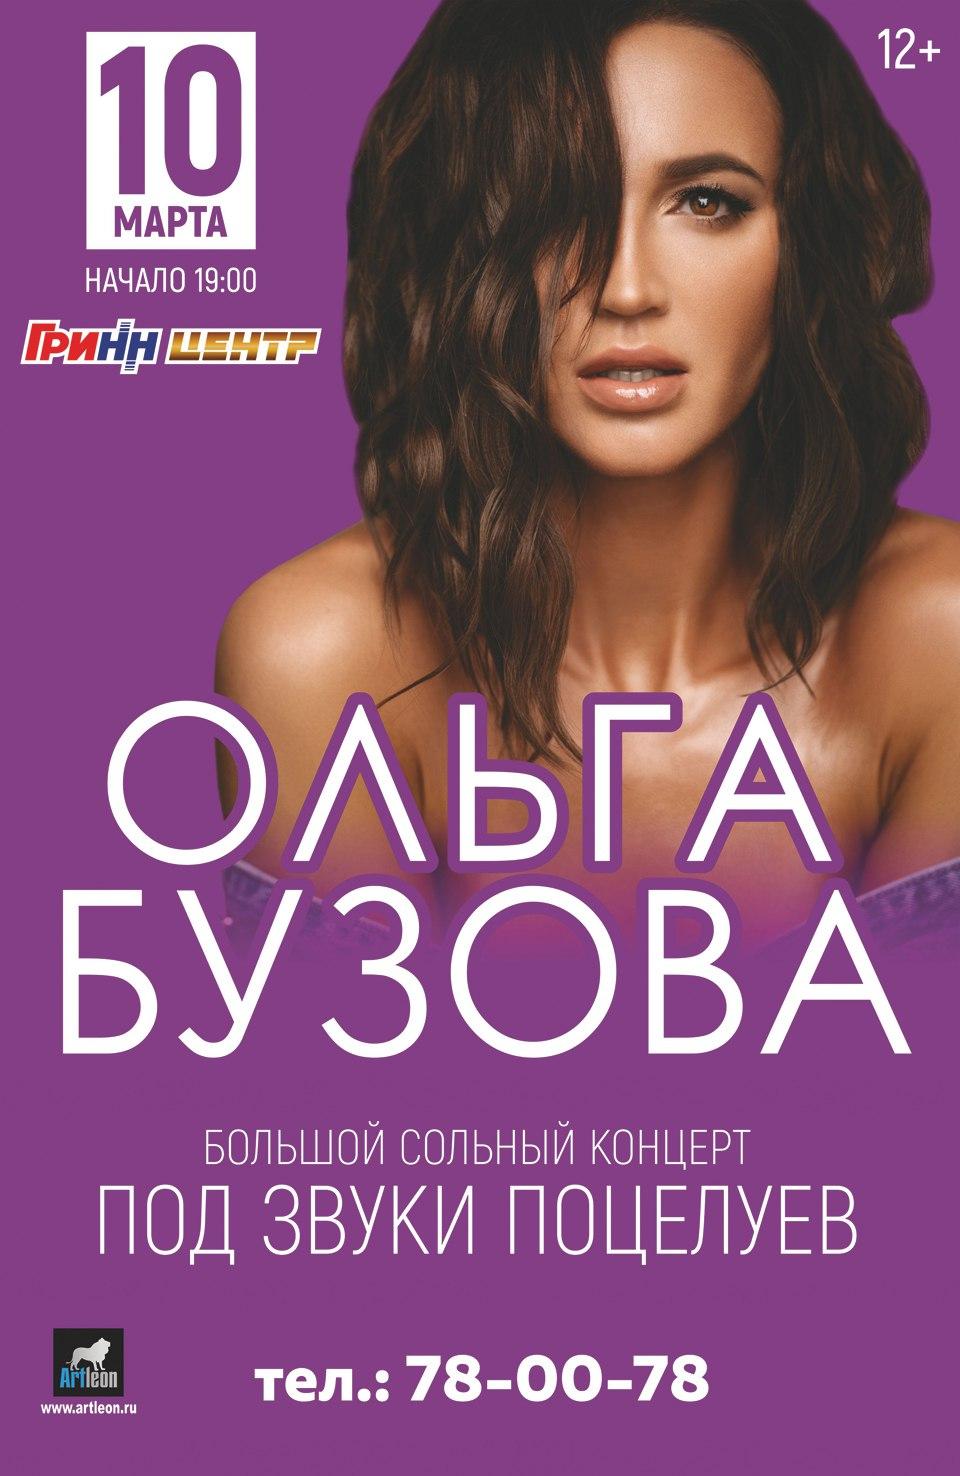 Ольга Бузова «Под звуки поцелуев»